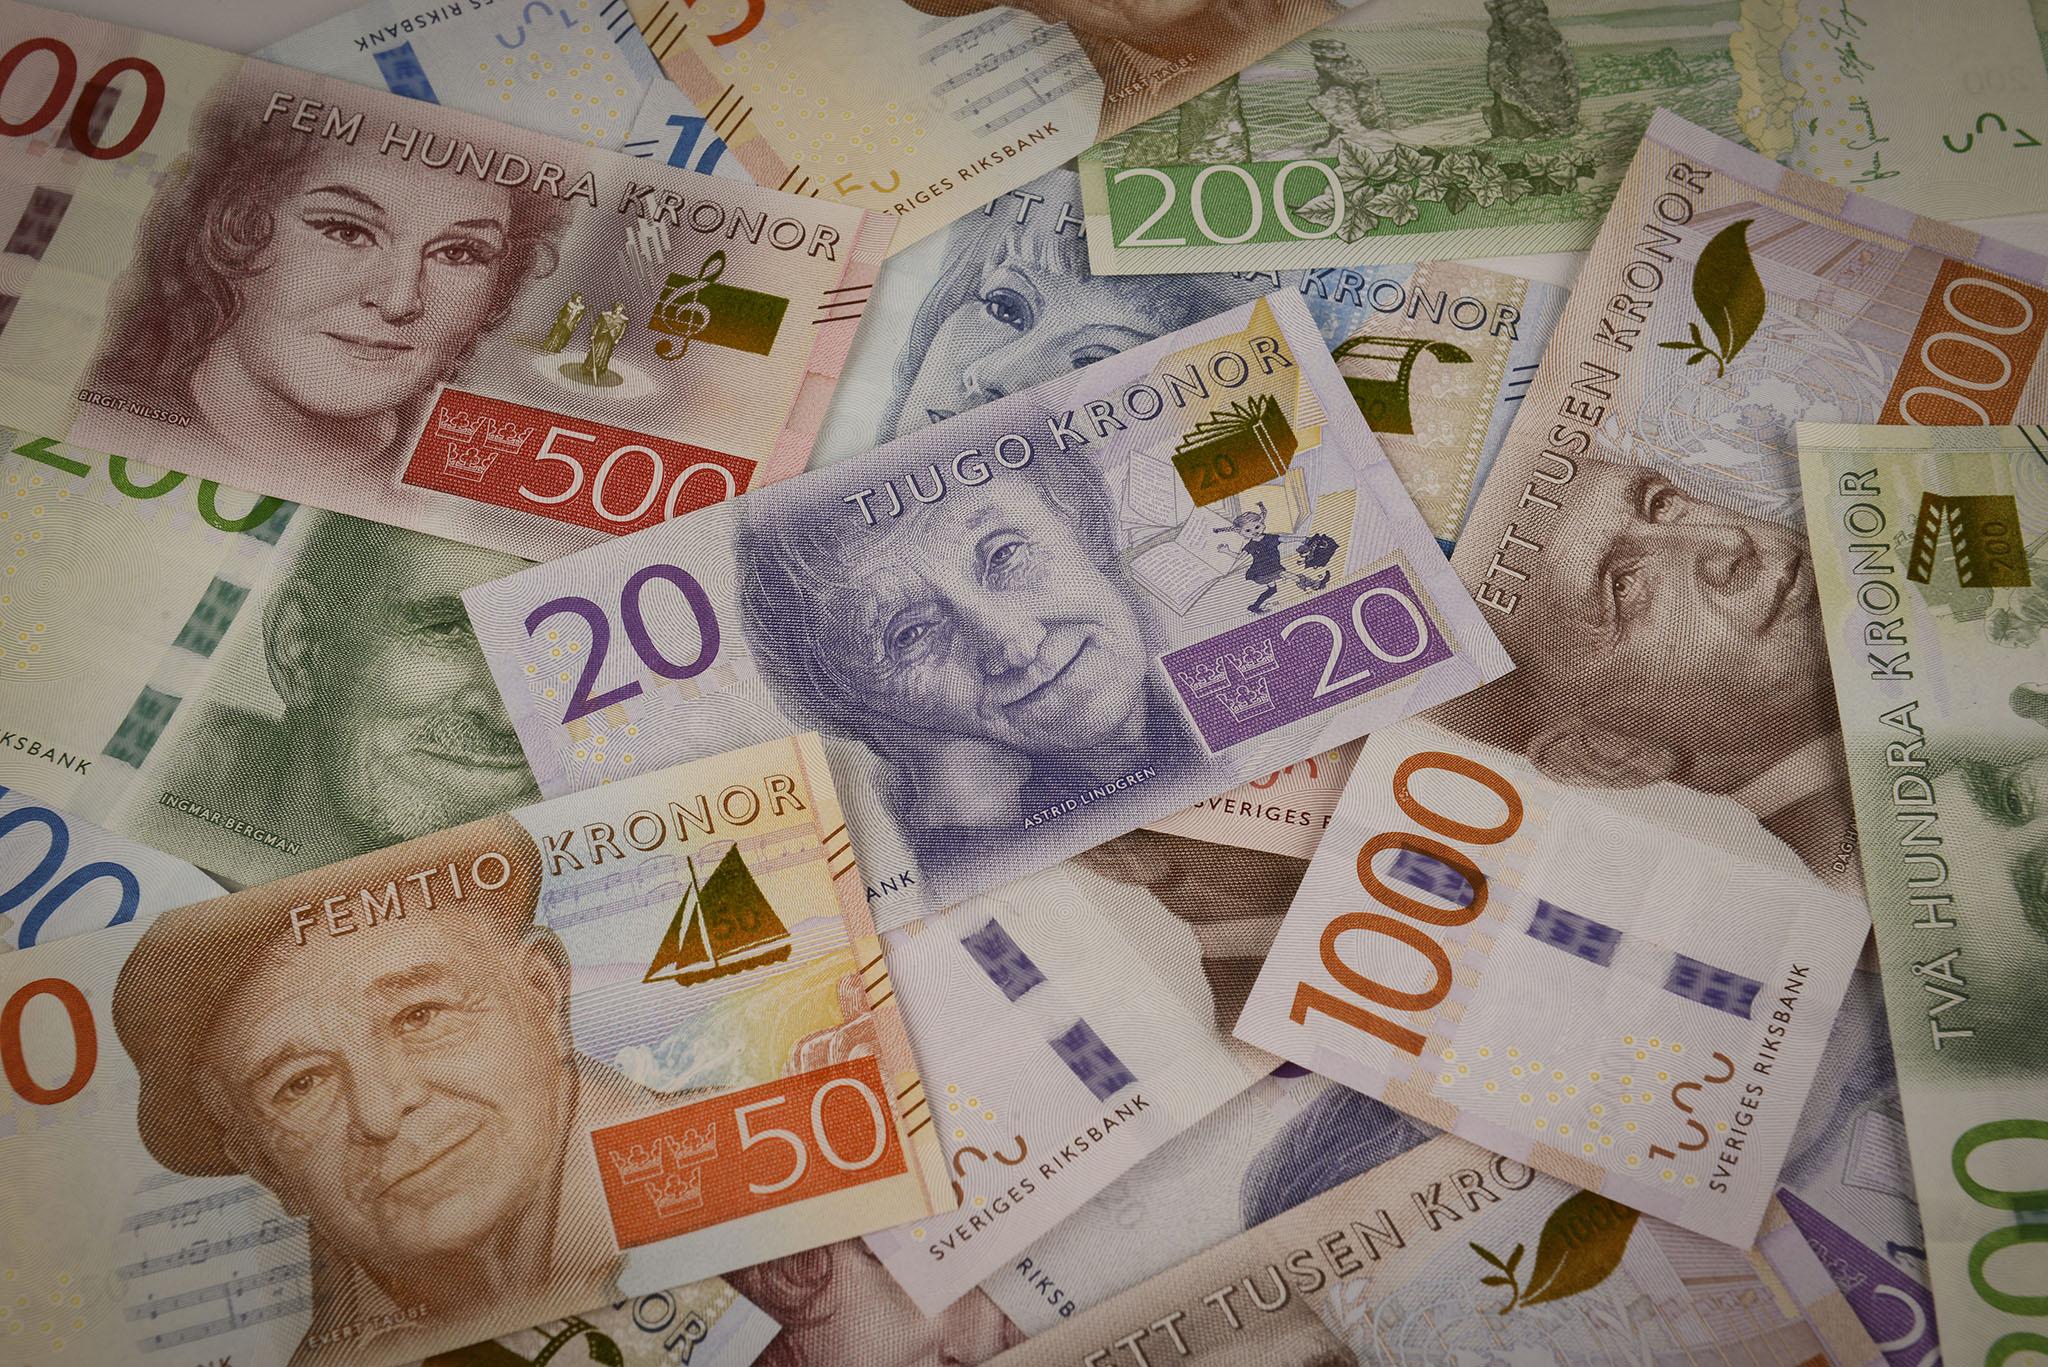 Pengar i handen på några få dagar. Foto: Riksbanken